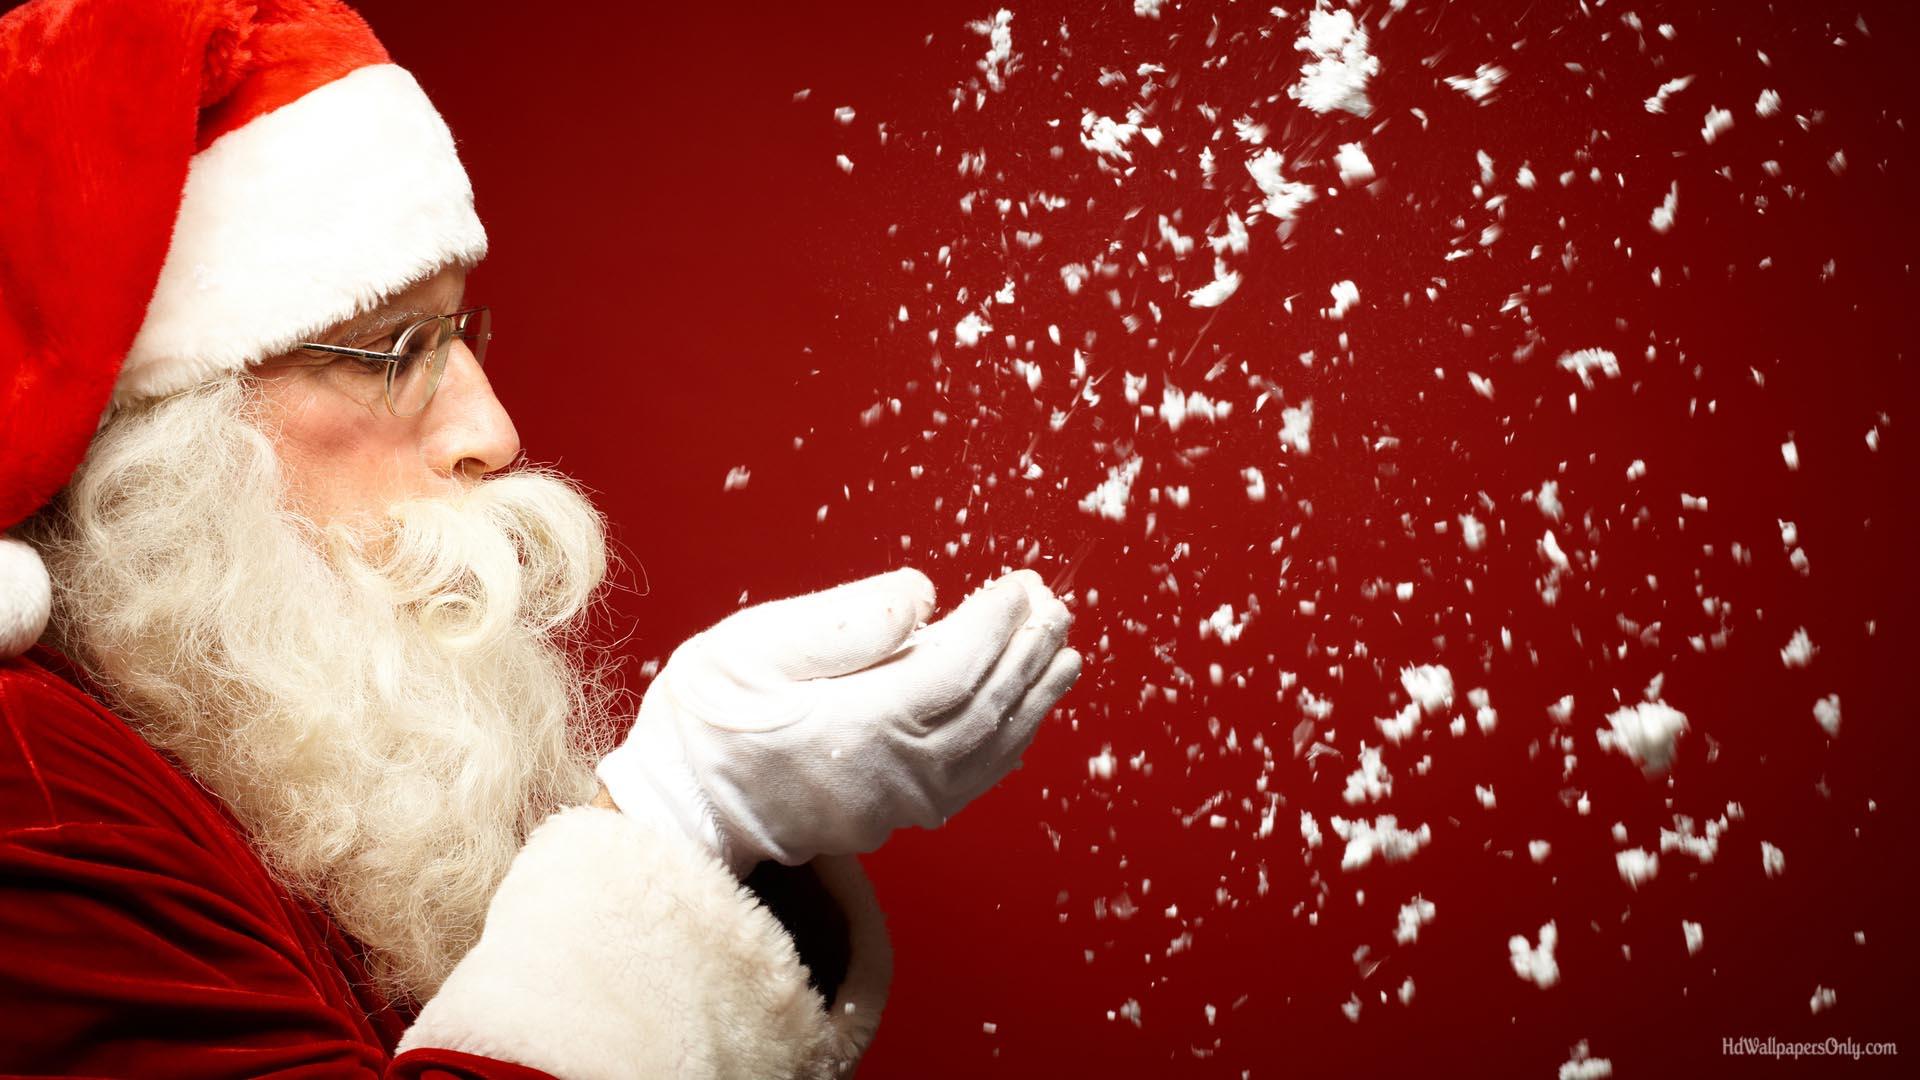 Santa Face Images Hd